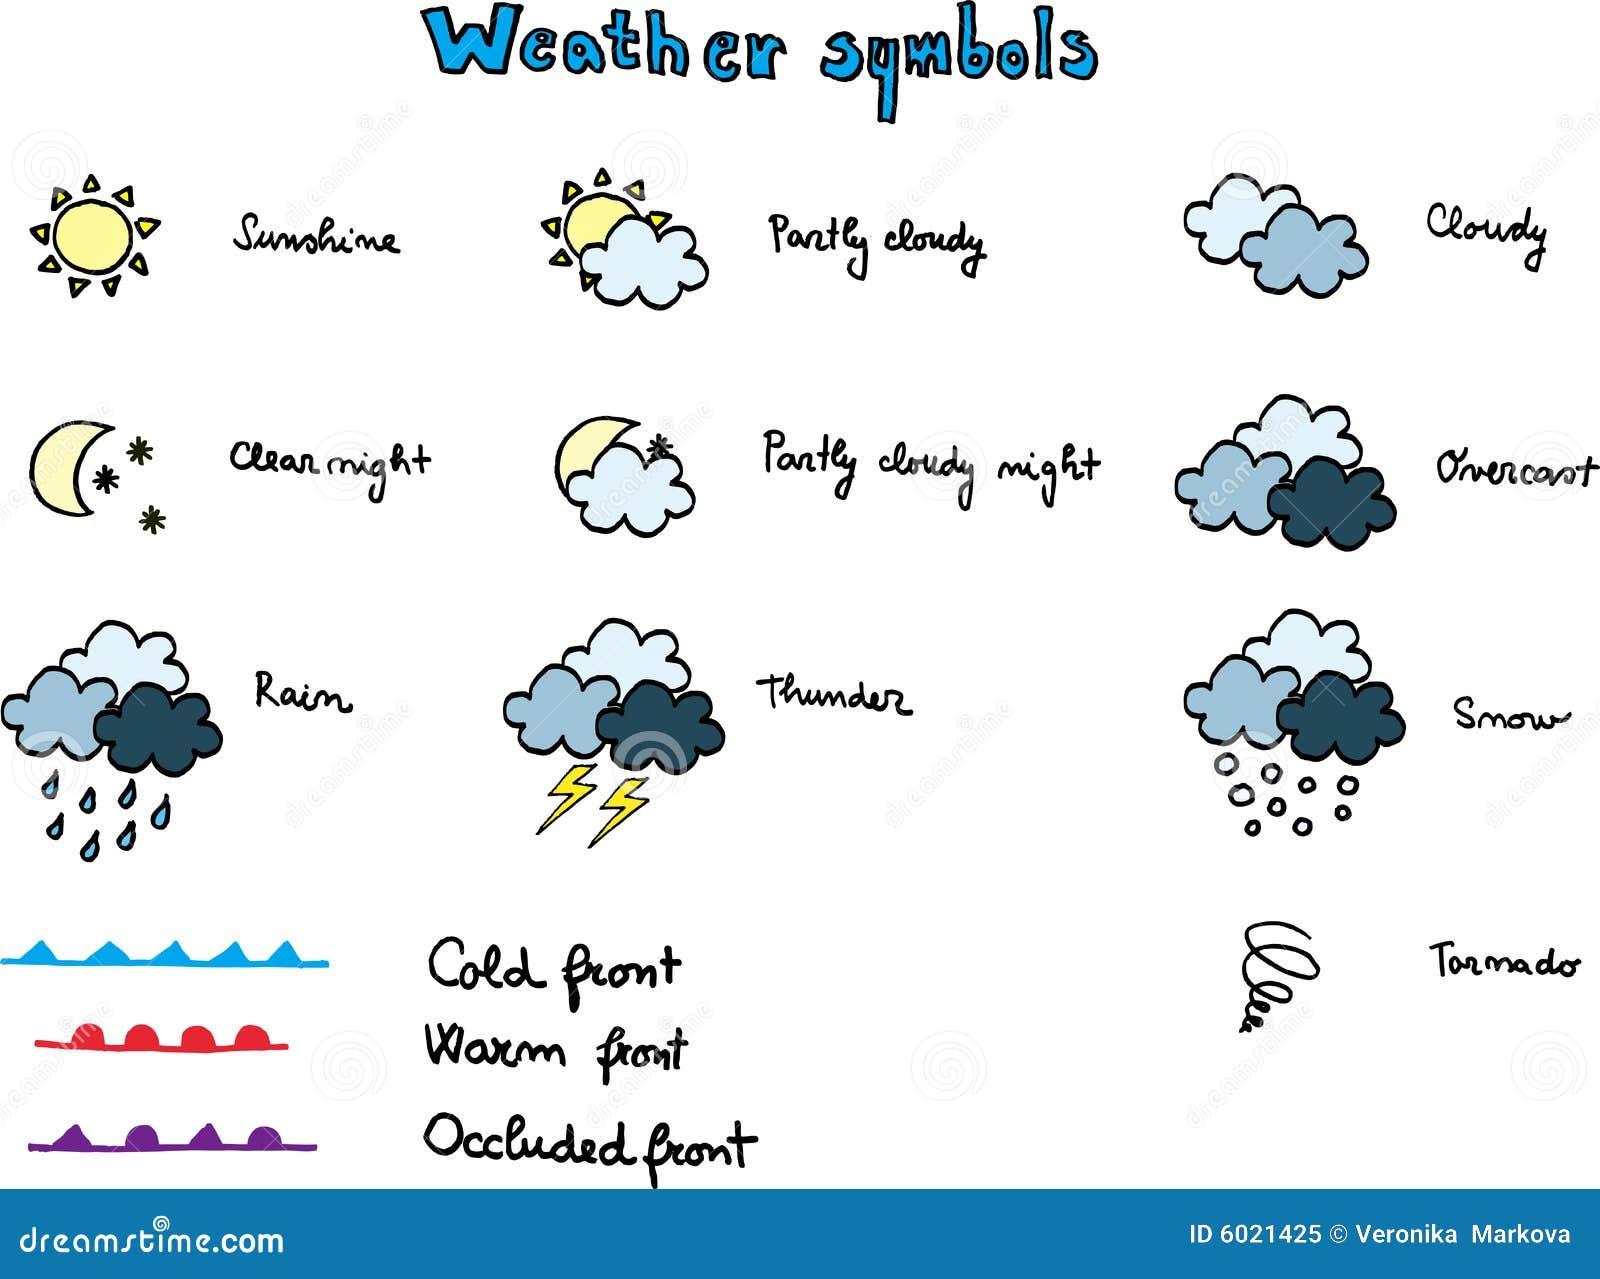 Weather forecast symbols and meanings choice image symbol and weather symbols fog images free download weather symbols fog buycottarizona biocorpaavc